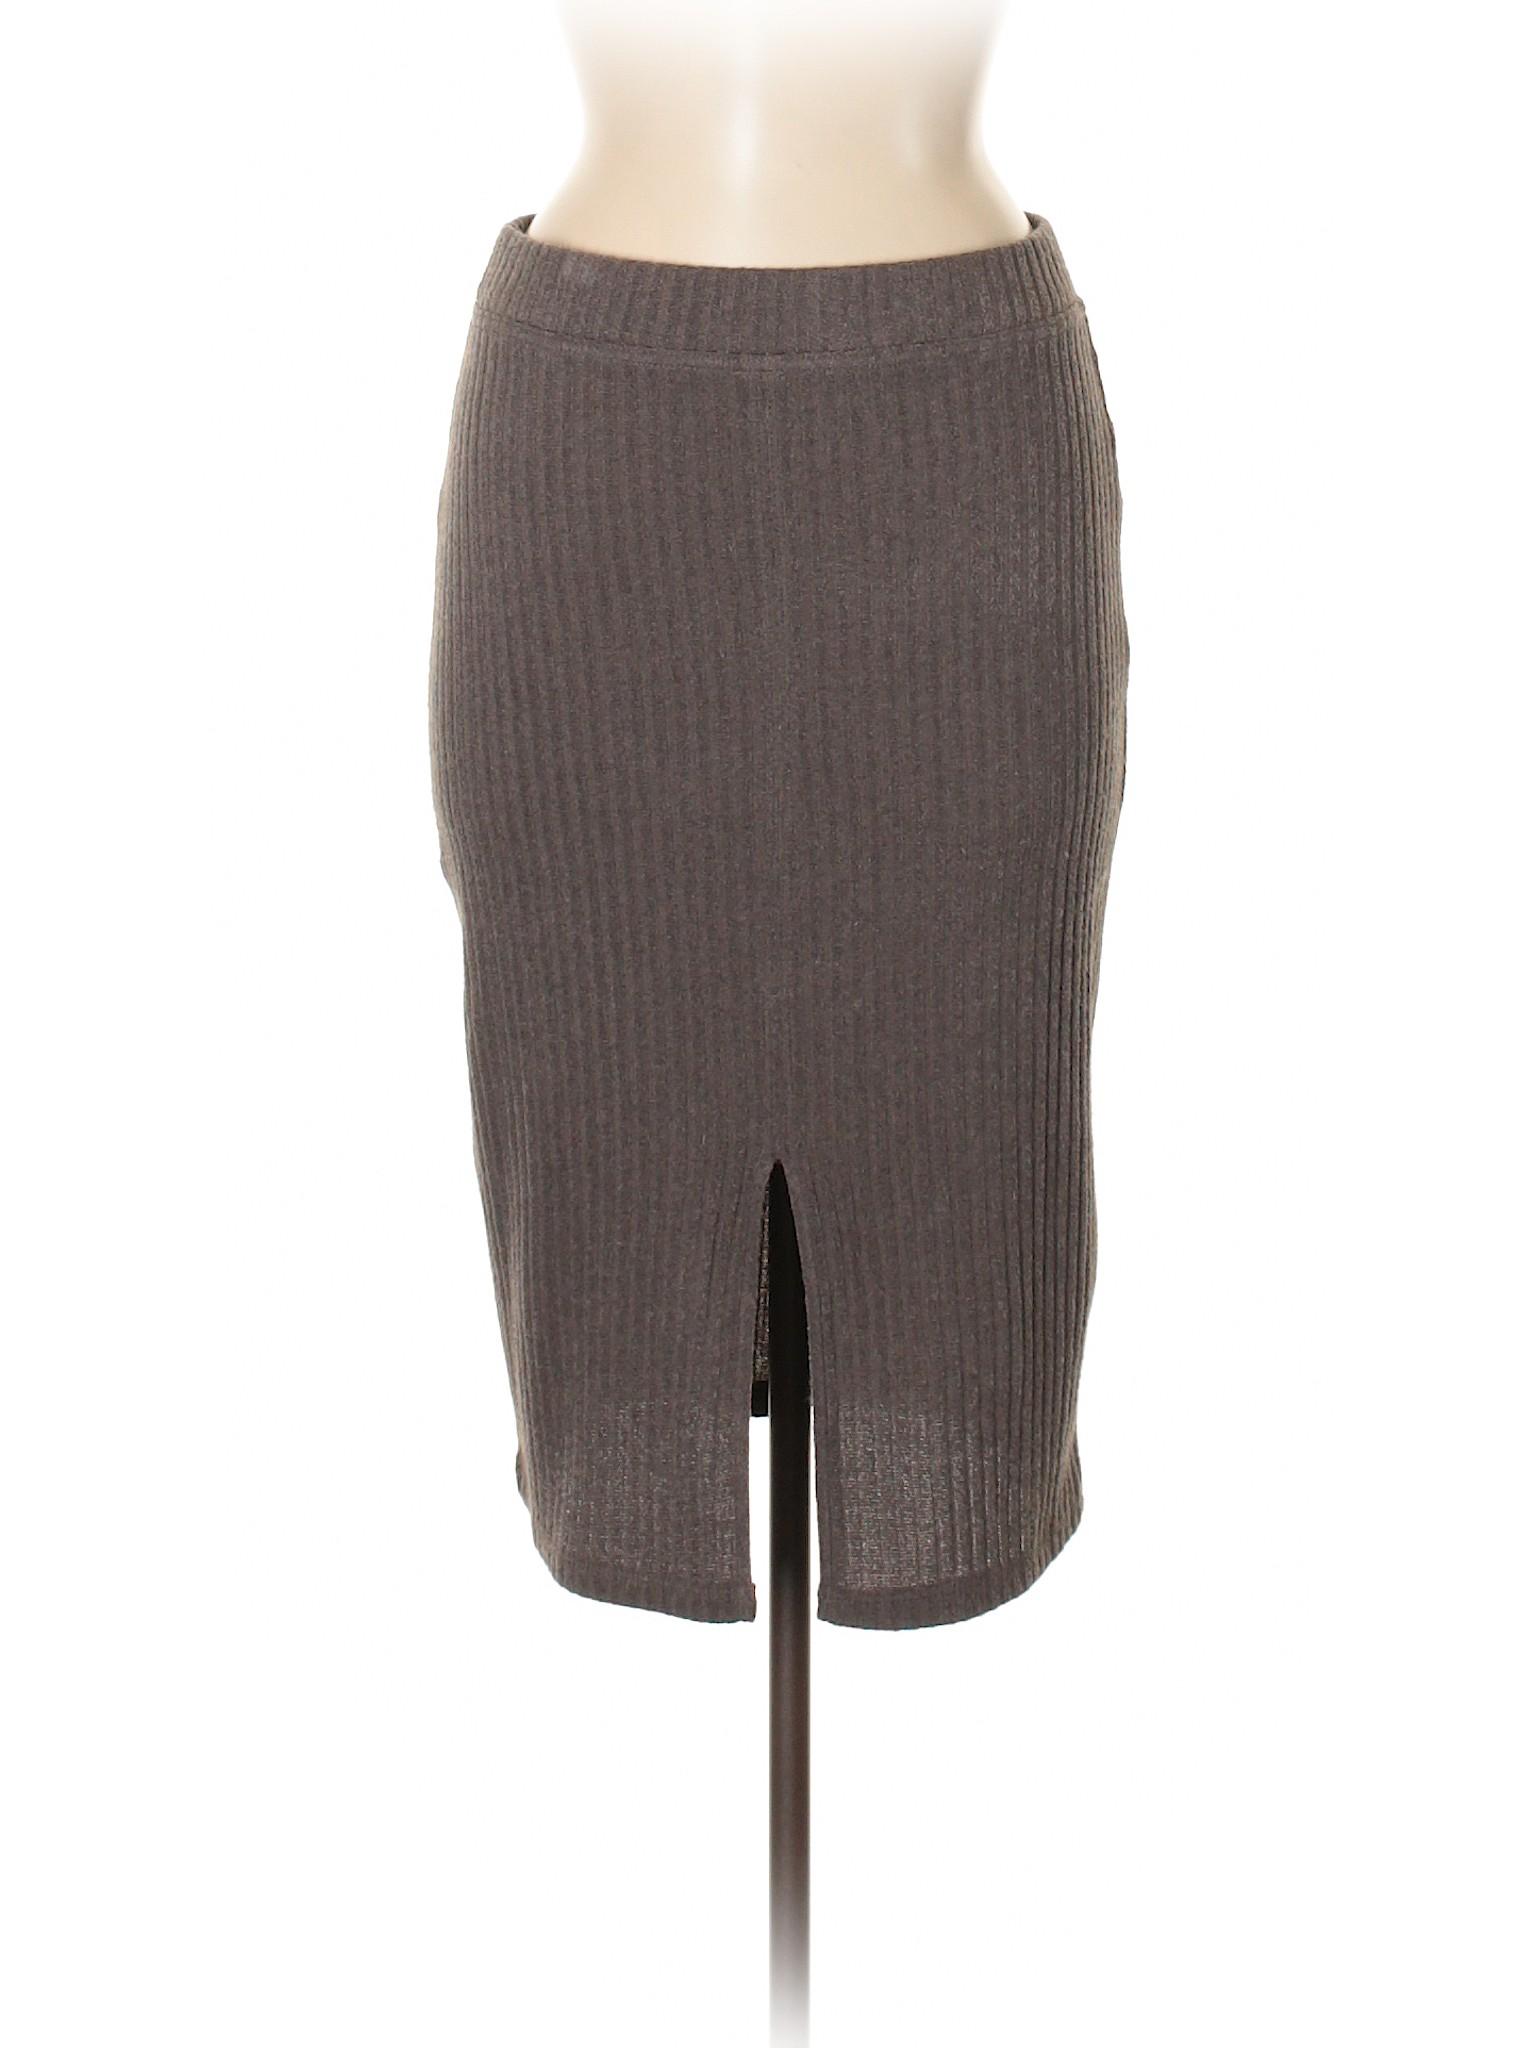 Skirt Casual Skirt Casual Skirt Boutique Casual Boutique Boutique fqaOO